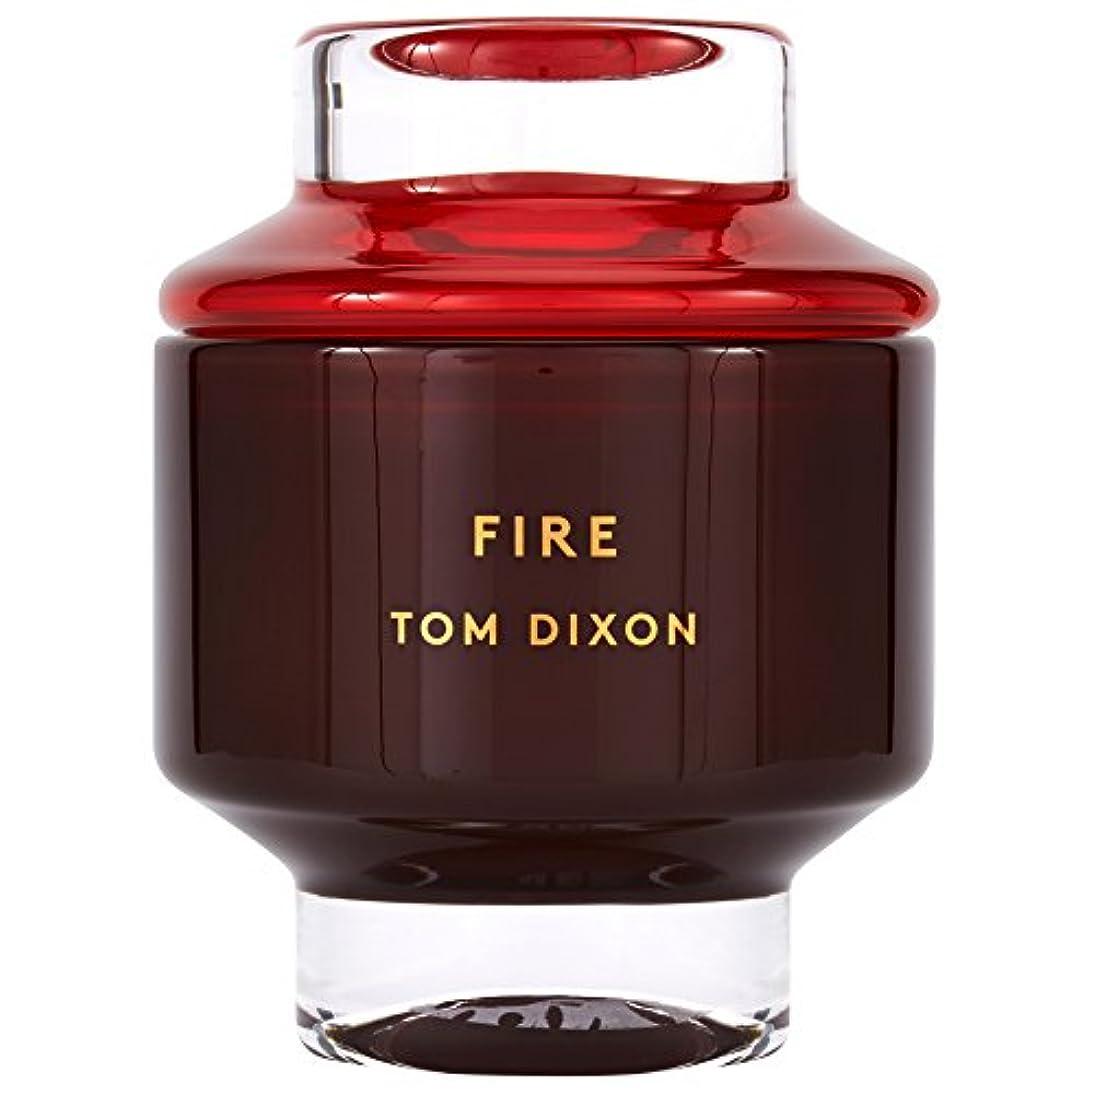 ダイヤル活性化する専門化するTom Dixon Fire Scented Candle Large - トム?ディクソン火災大型香りのキャンドル [並行輸入品]